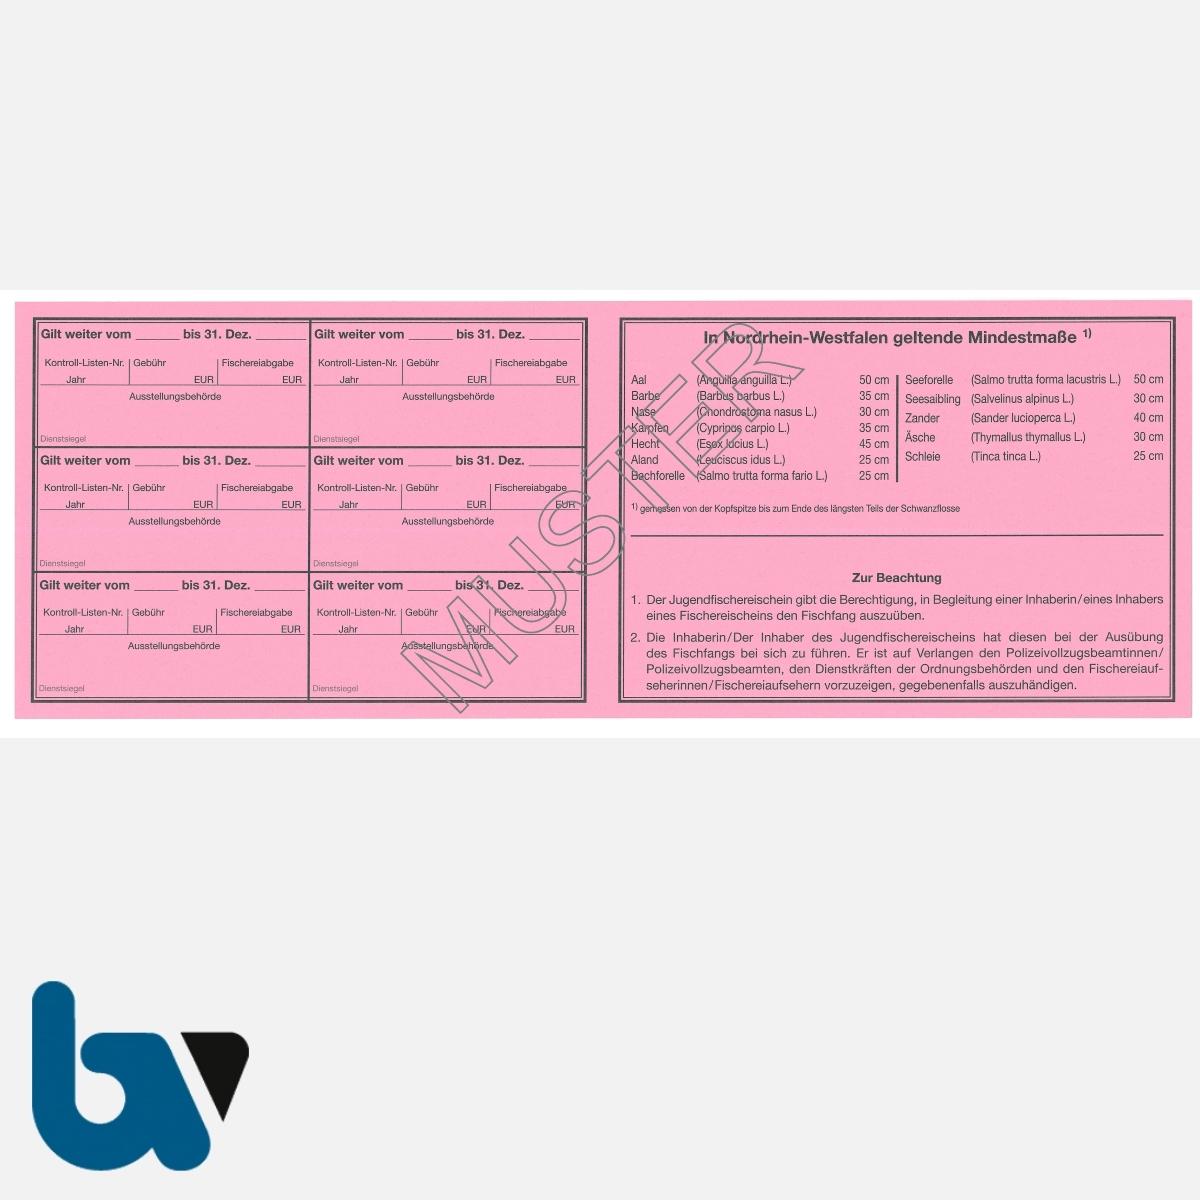 1/456-2 Jugendfischereischein NRW Nordrhein-Westfalen rosa Neobond Muster RS | Borgard Verlag GmbH